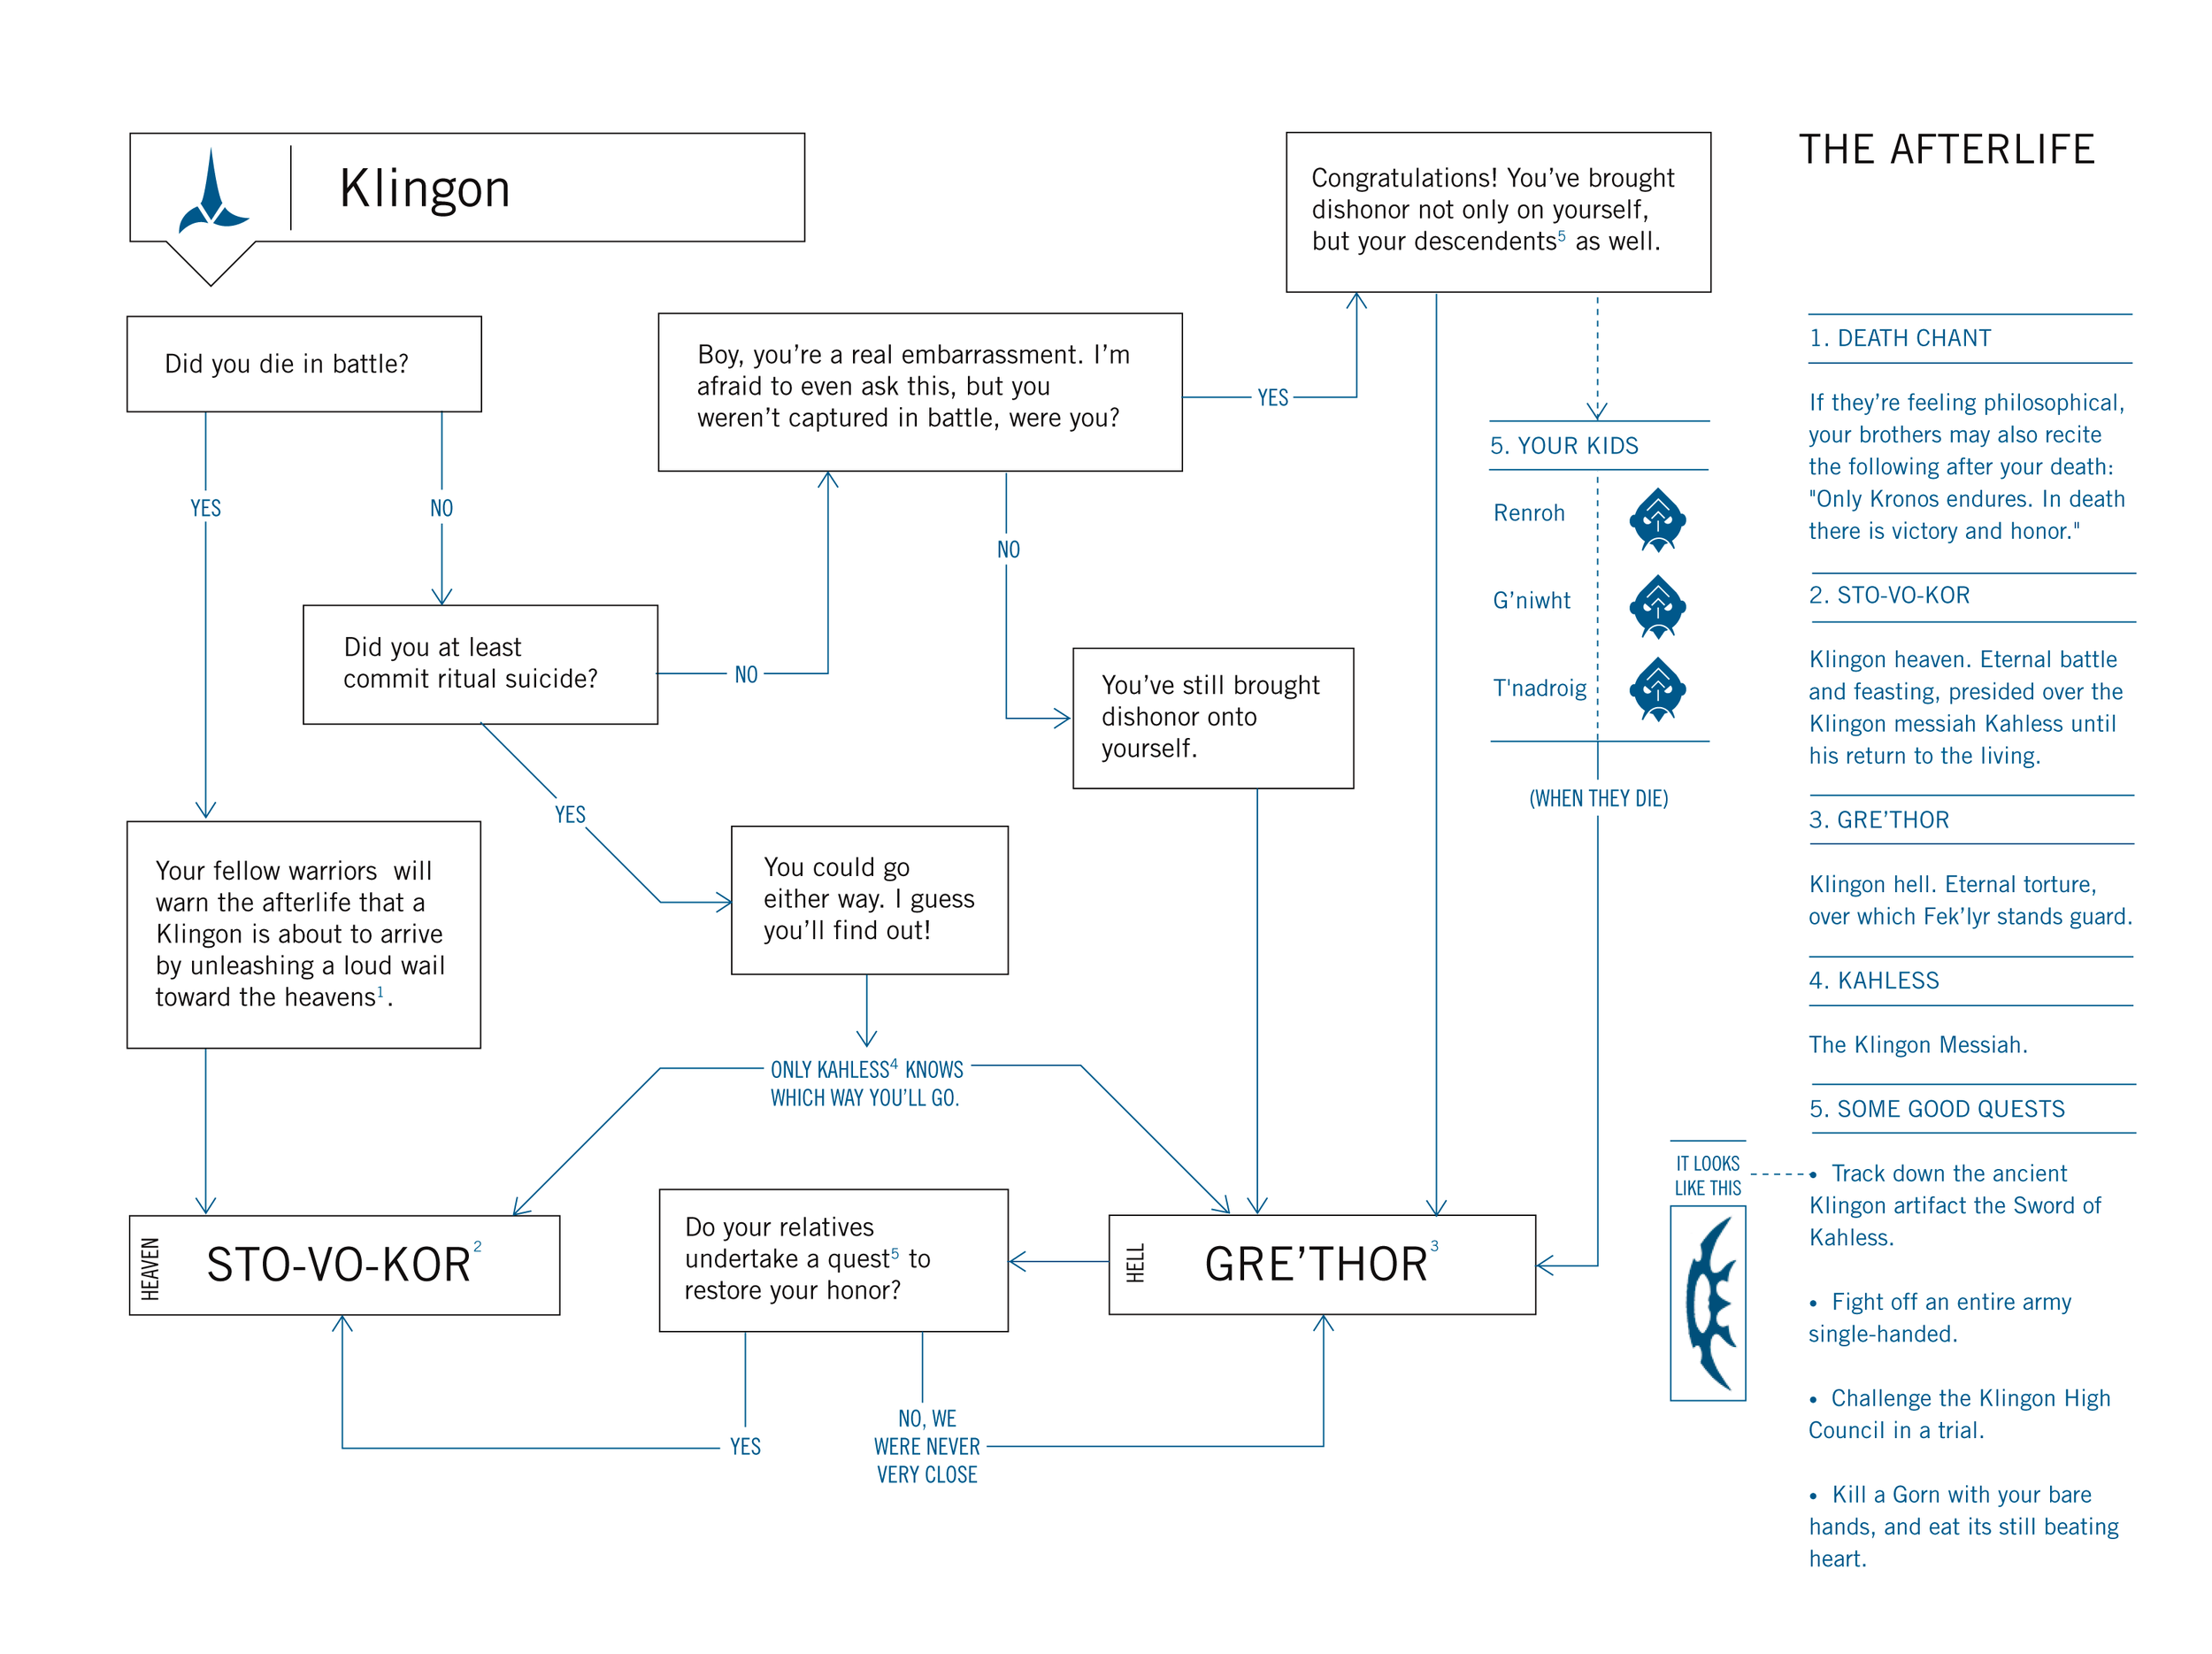 afterlife_klingon.png